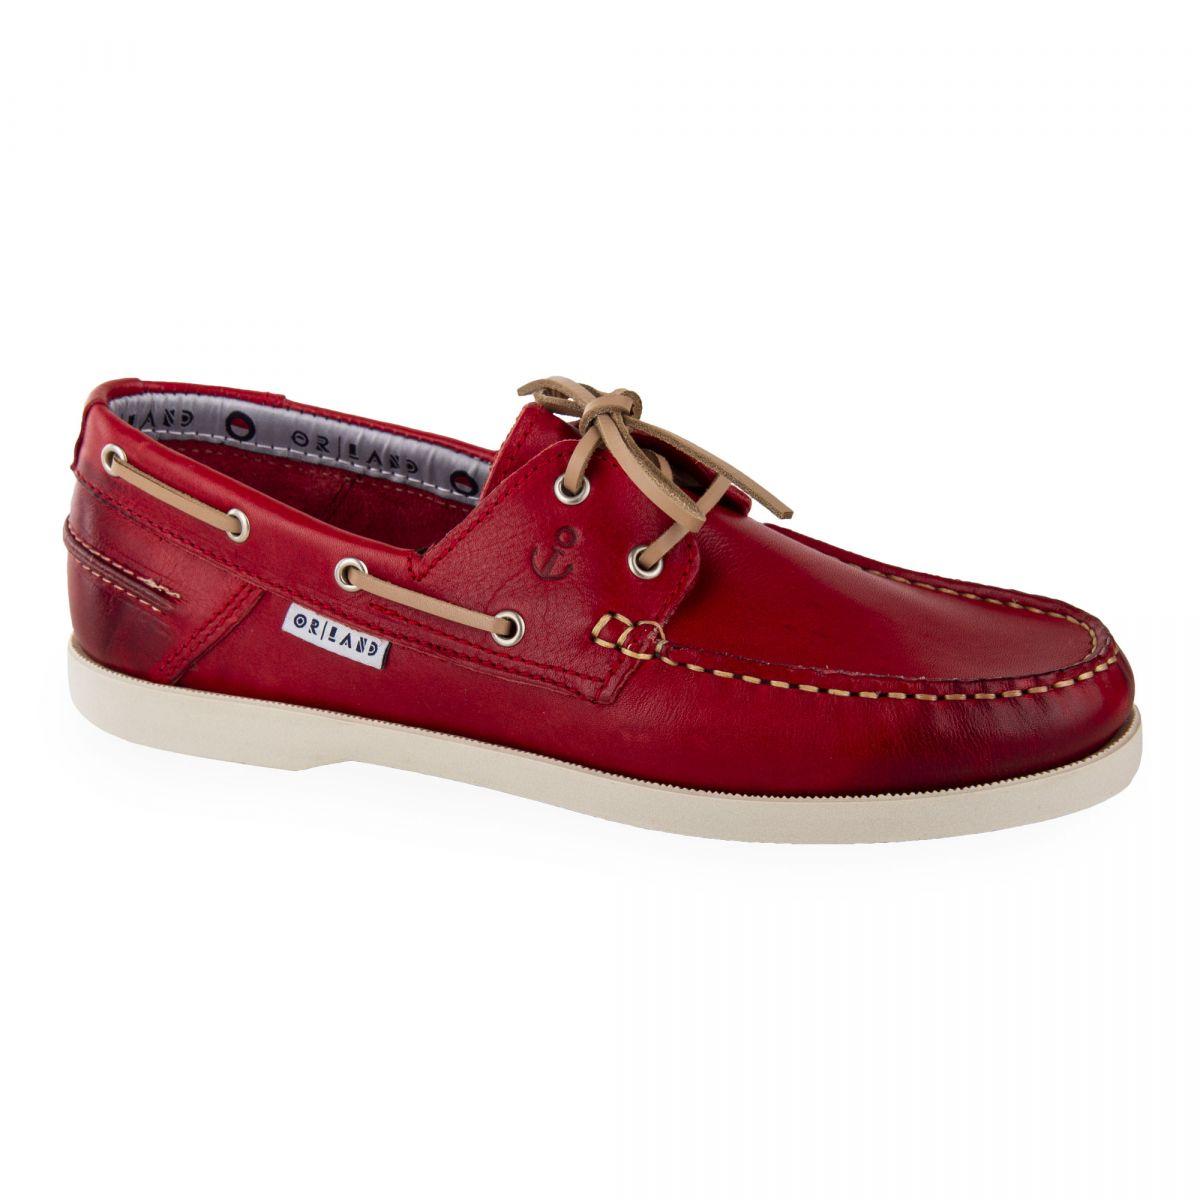 Chaussures bateau tout cuir homme ORLANDO marque pas cher prix dégriffés  destockage ... 576d8f4e43d7